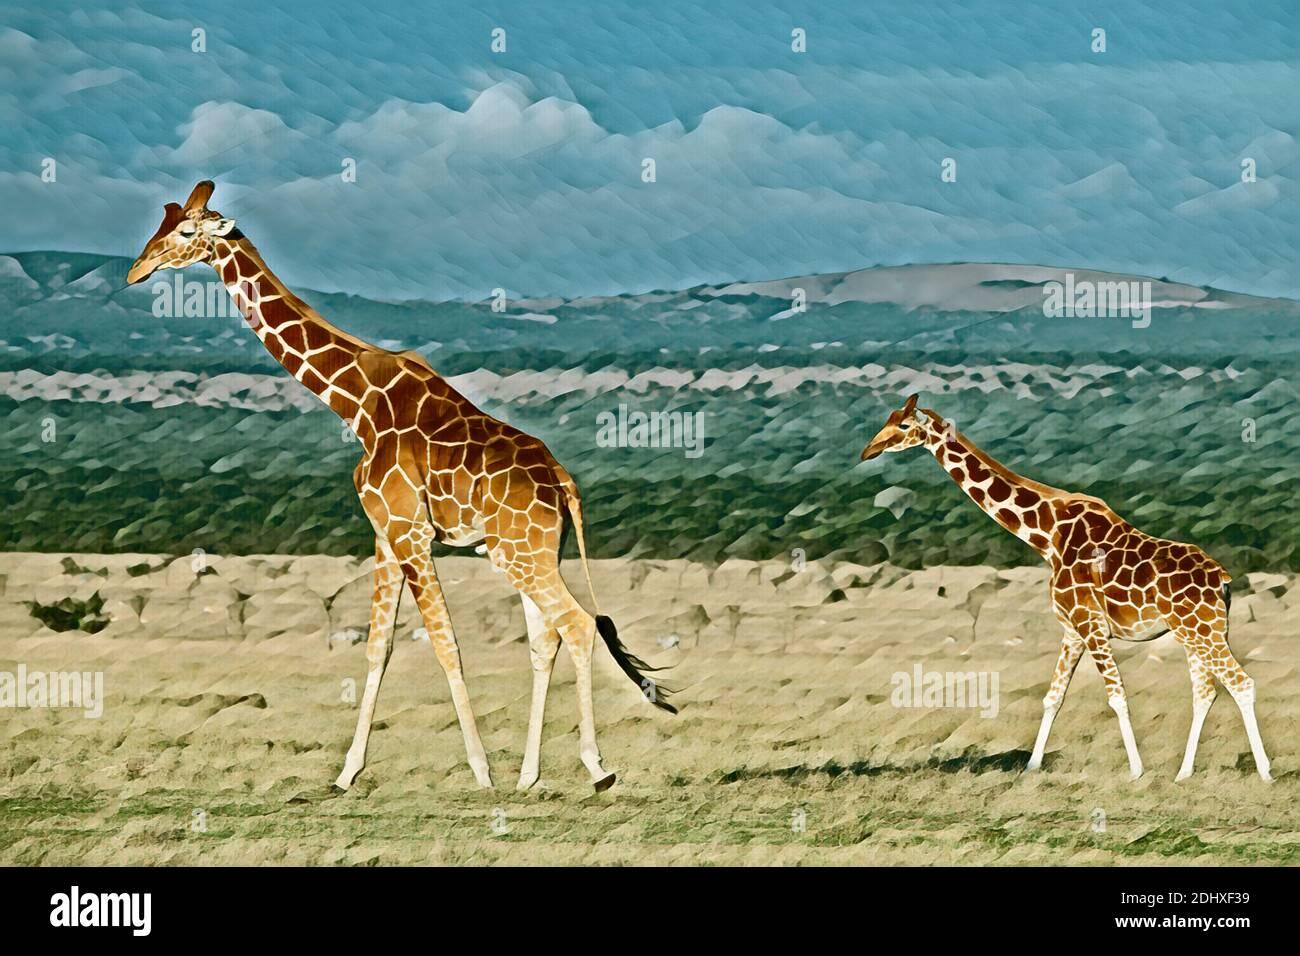 Afrique, Kenya, plateau de Laikipia, District de la frontière du Nord, OL Pejeta Conservancy. Girafes réticulés (SAUVAGES : Giraffa camelopardalis reticulata) COM Banque D'Images